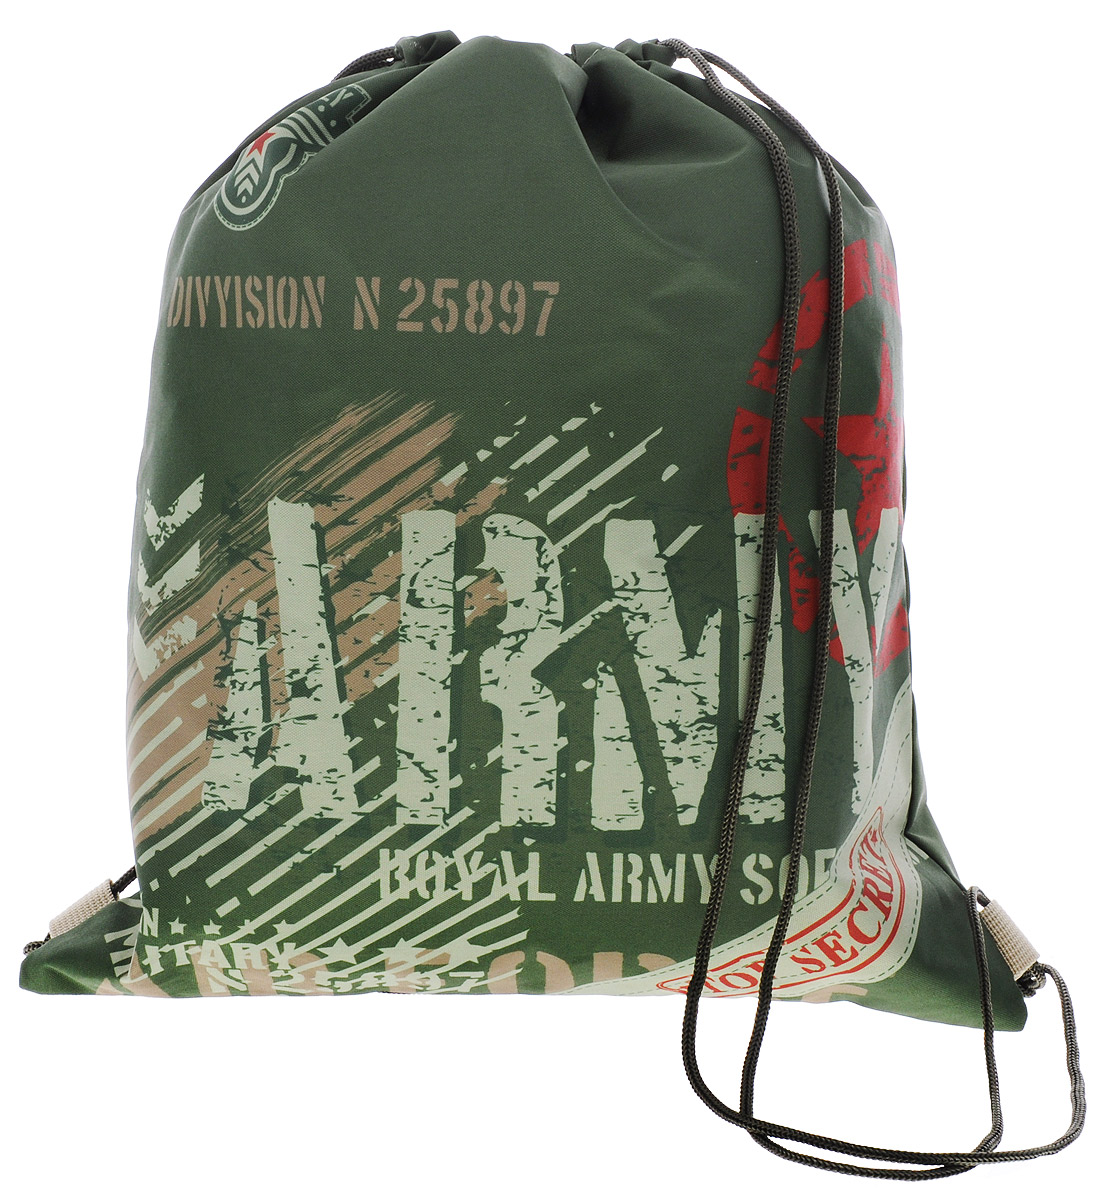 Grizzly Мешок для обуви Army72523WDМешок для обуви Grizzly Army идеально подойдет как для хранения, так и для переноски сменной обуви и одежды.Мешок выполнен из прочного материала и содержит одно вместительное отделение, затягивающееся с помощью текстильных шнурков. Шнурки фиксируются в нижней части сумки, благодаря чему ее можно носить за спиной как рюкзак.Ваш ребенок с радостью будет ходить с таким аксессуаром в школу!Уход: протирать мыльным раствором (без хлора) при температуре не выше 30 градусов.